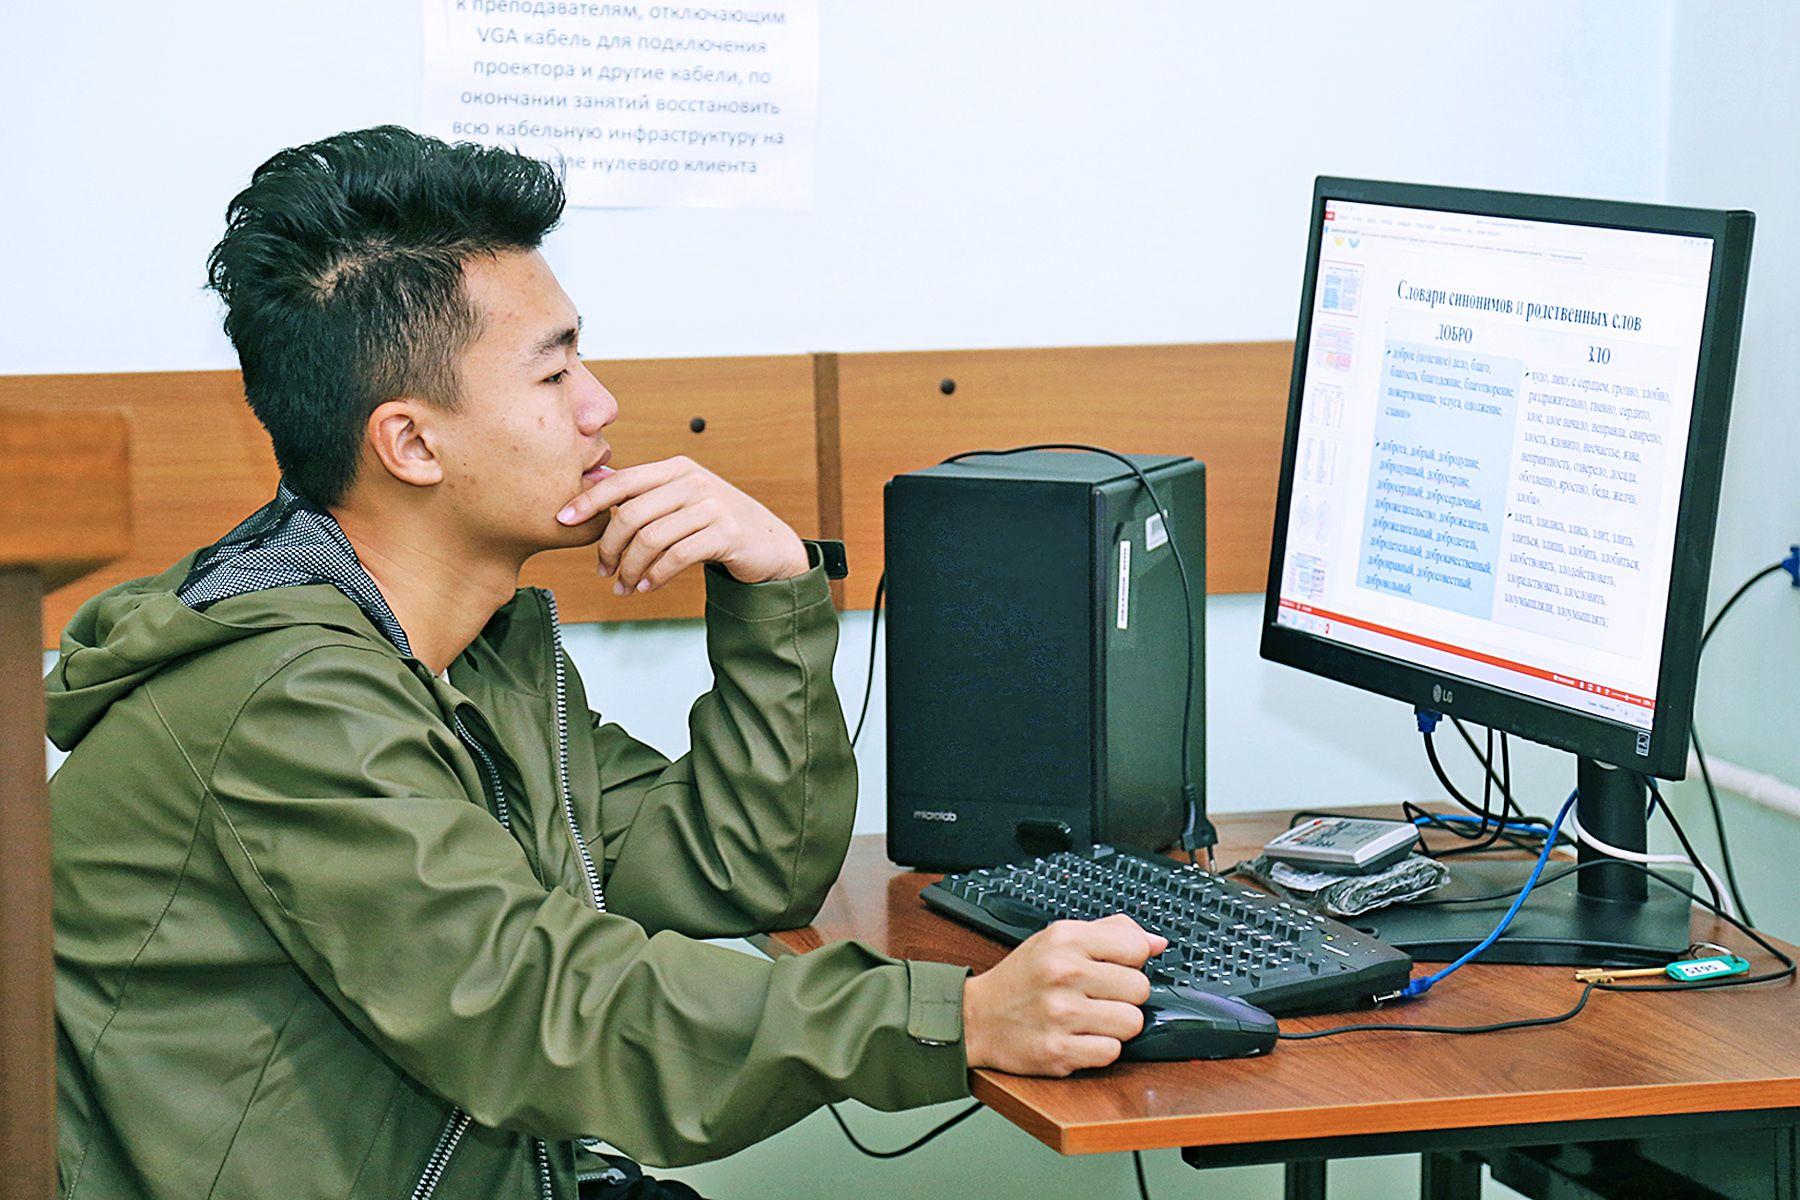 Иностранные студенты пожаловались на невозможность продолжать обучение в РФ